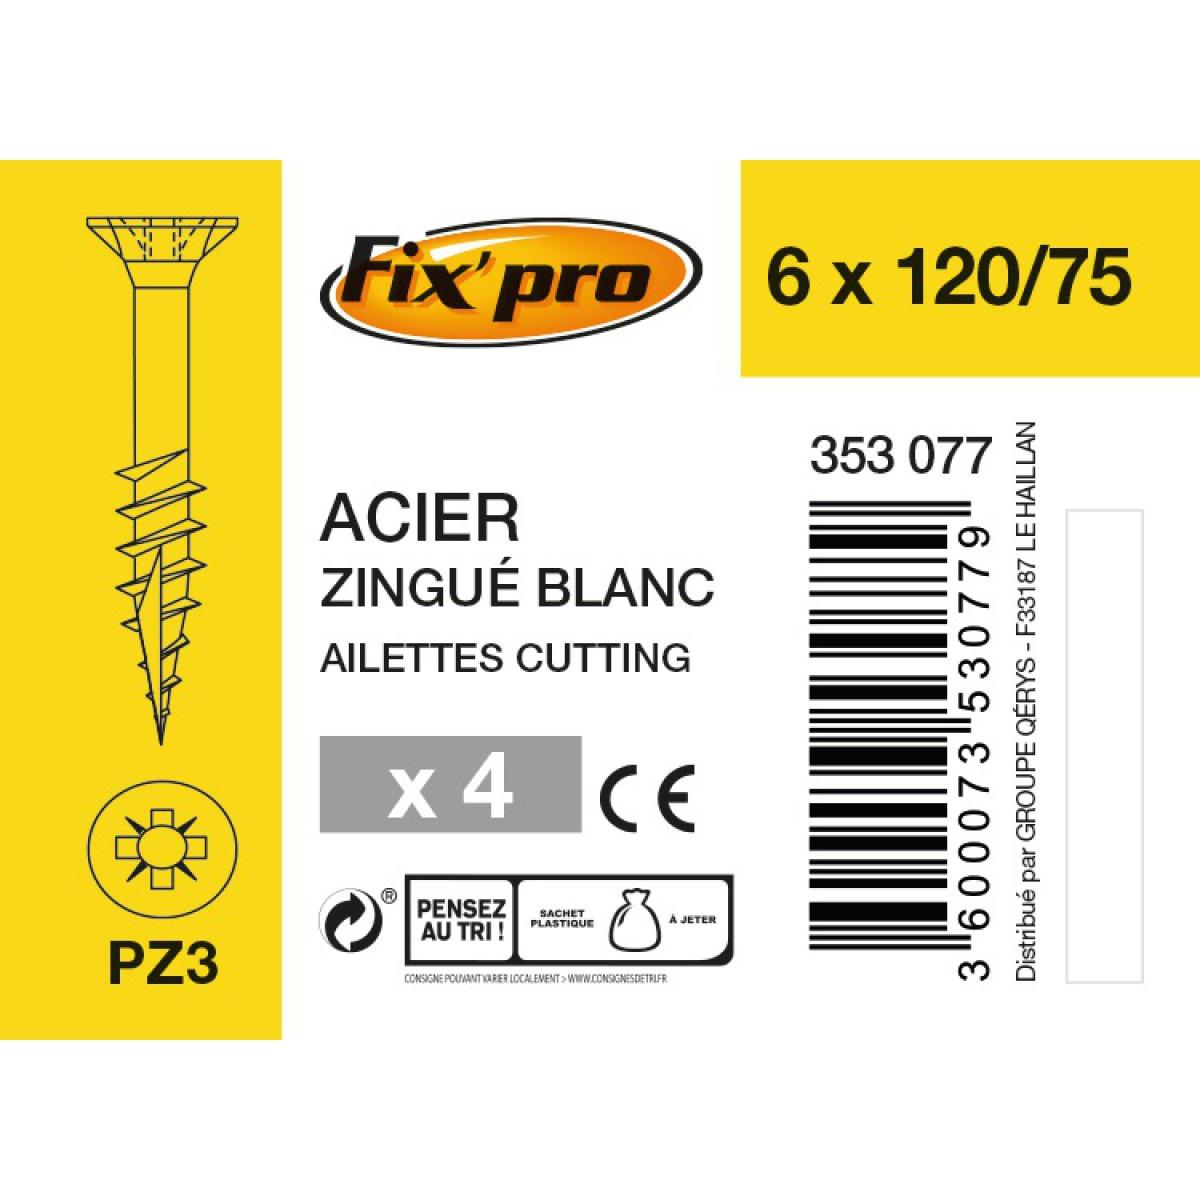 Vis à bois tête fraisée PZ - 6x120/75 - 4pces - Fixpro